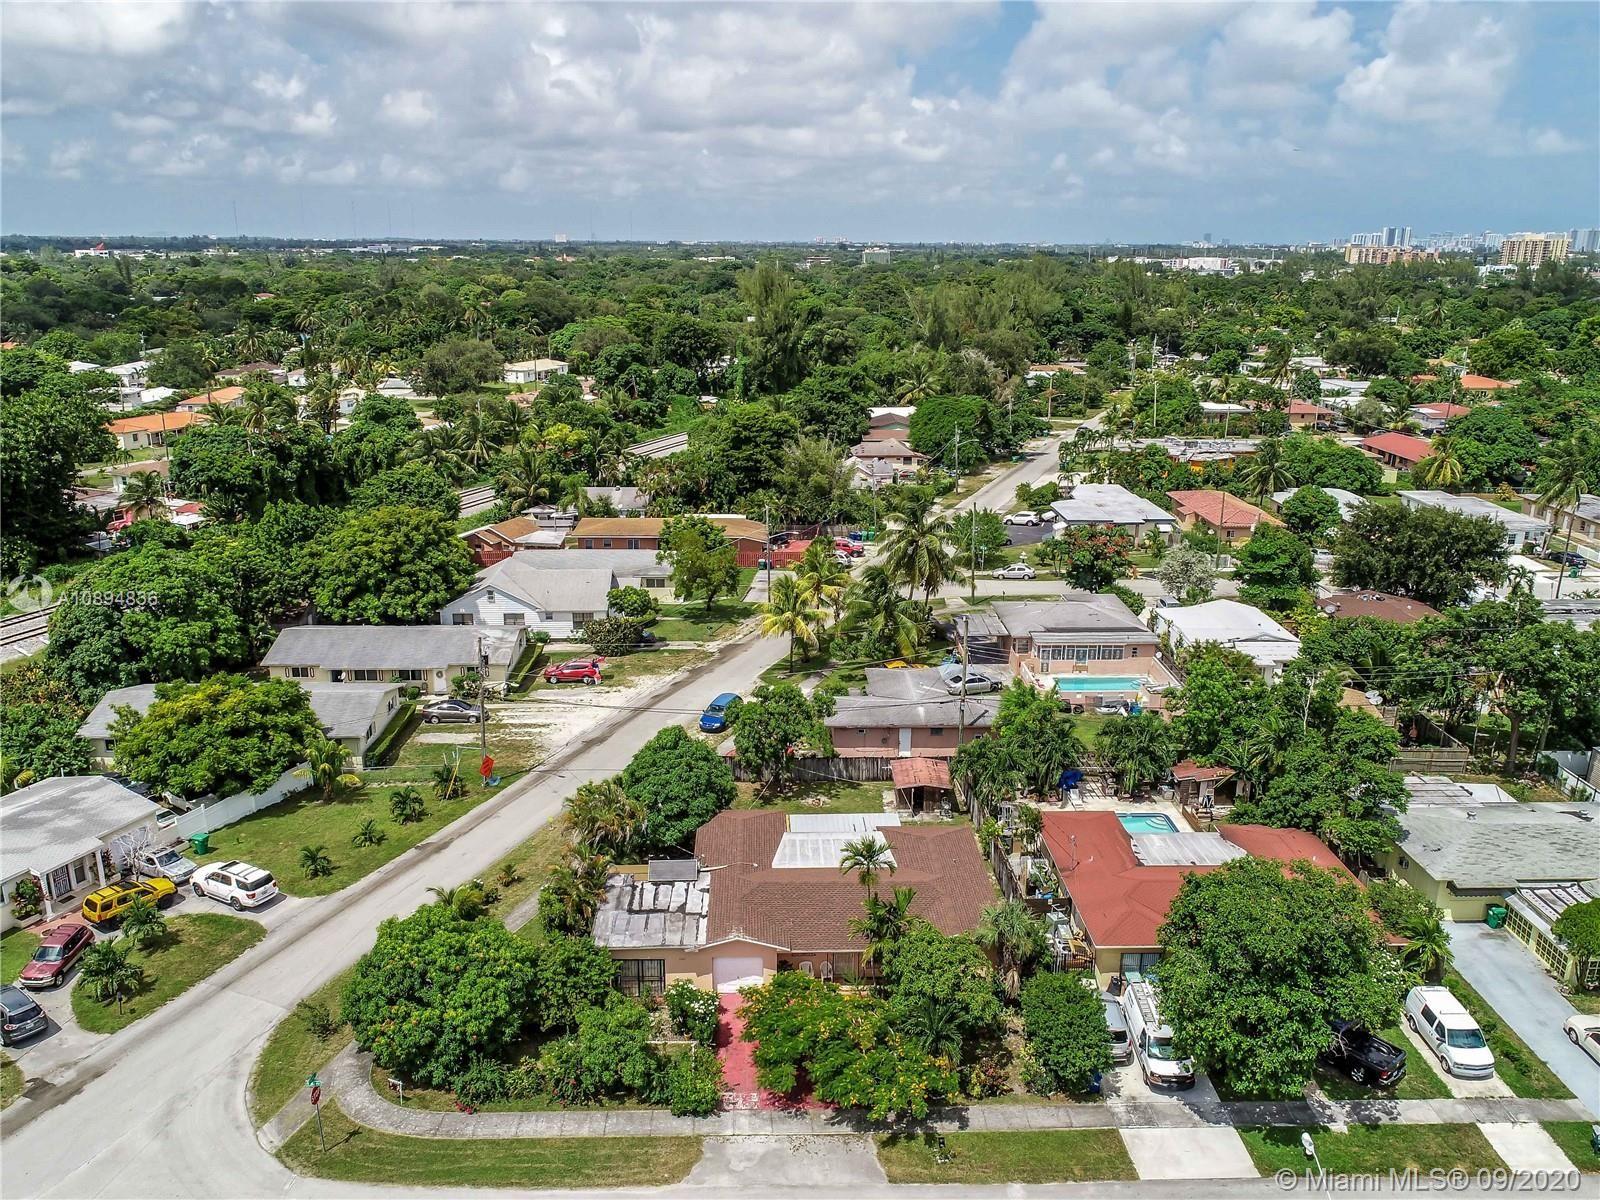 1101 NE 110th Ter, Miami, FL 33161 - #: A10894836